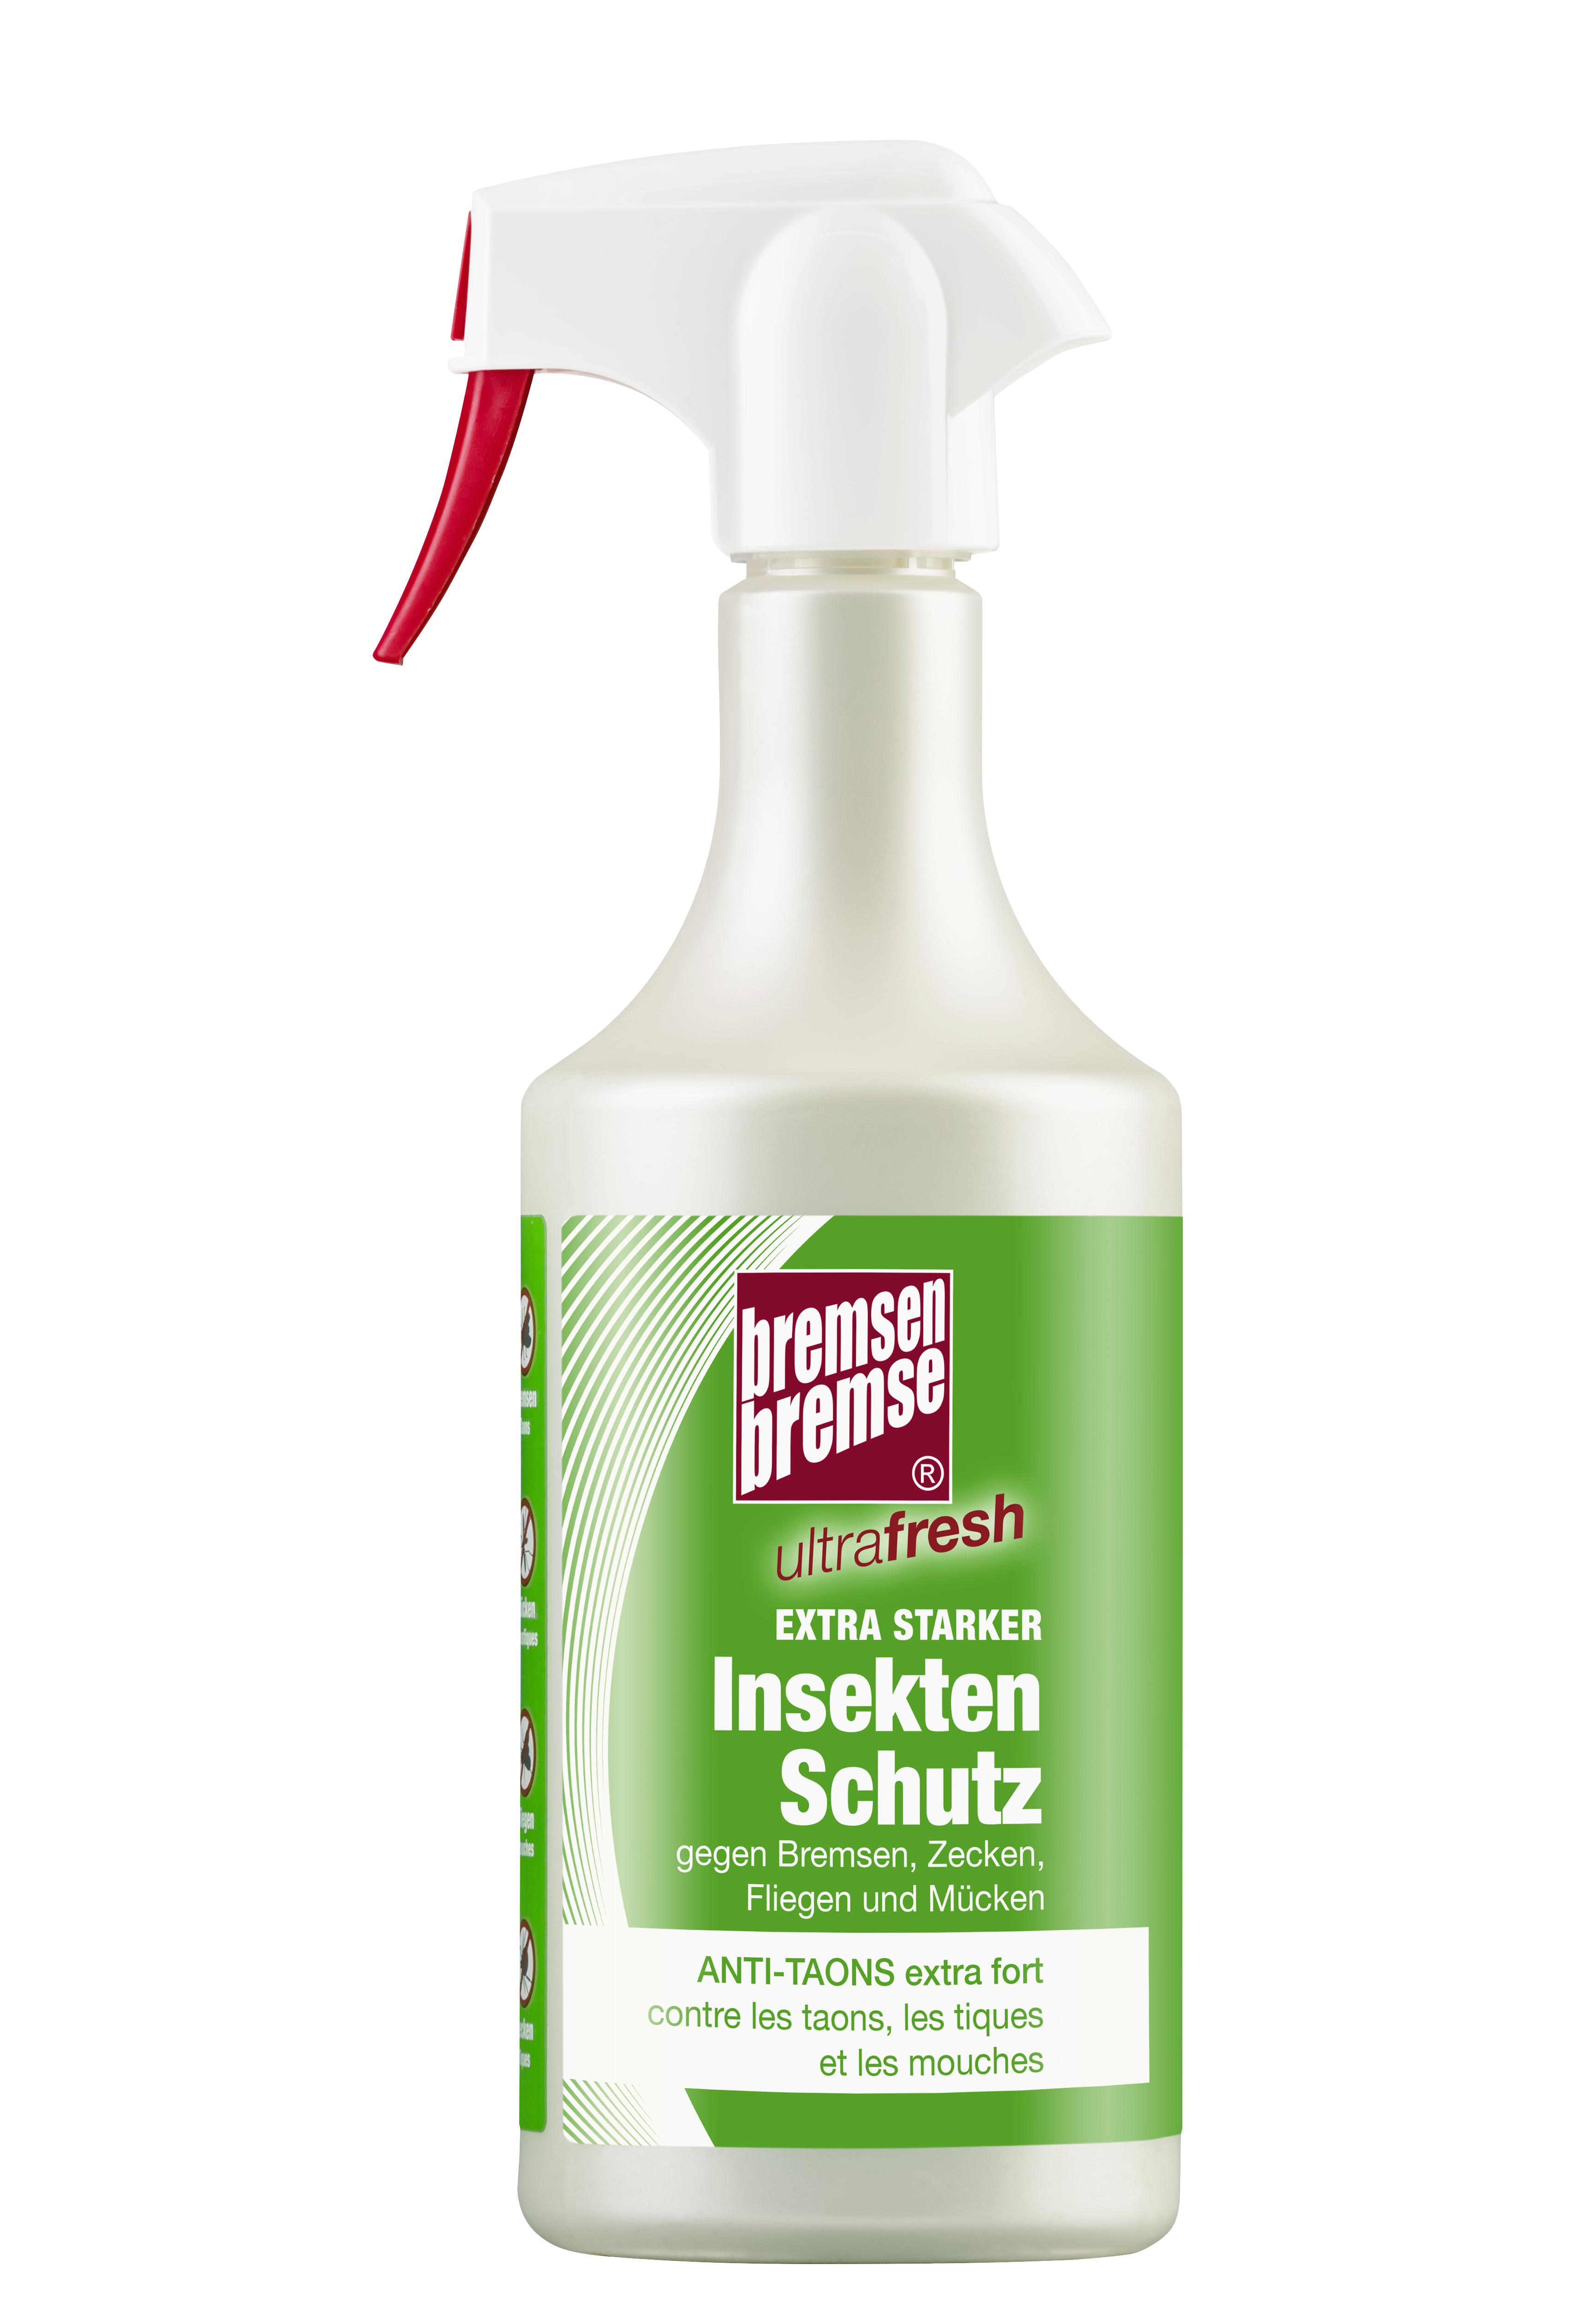 Zedan Bremsen- Bremse Ultrafresh 750ml Sprühflasche